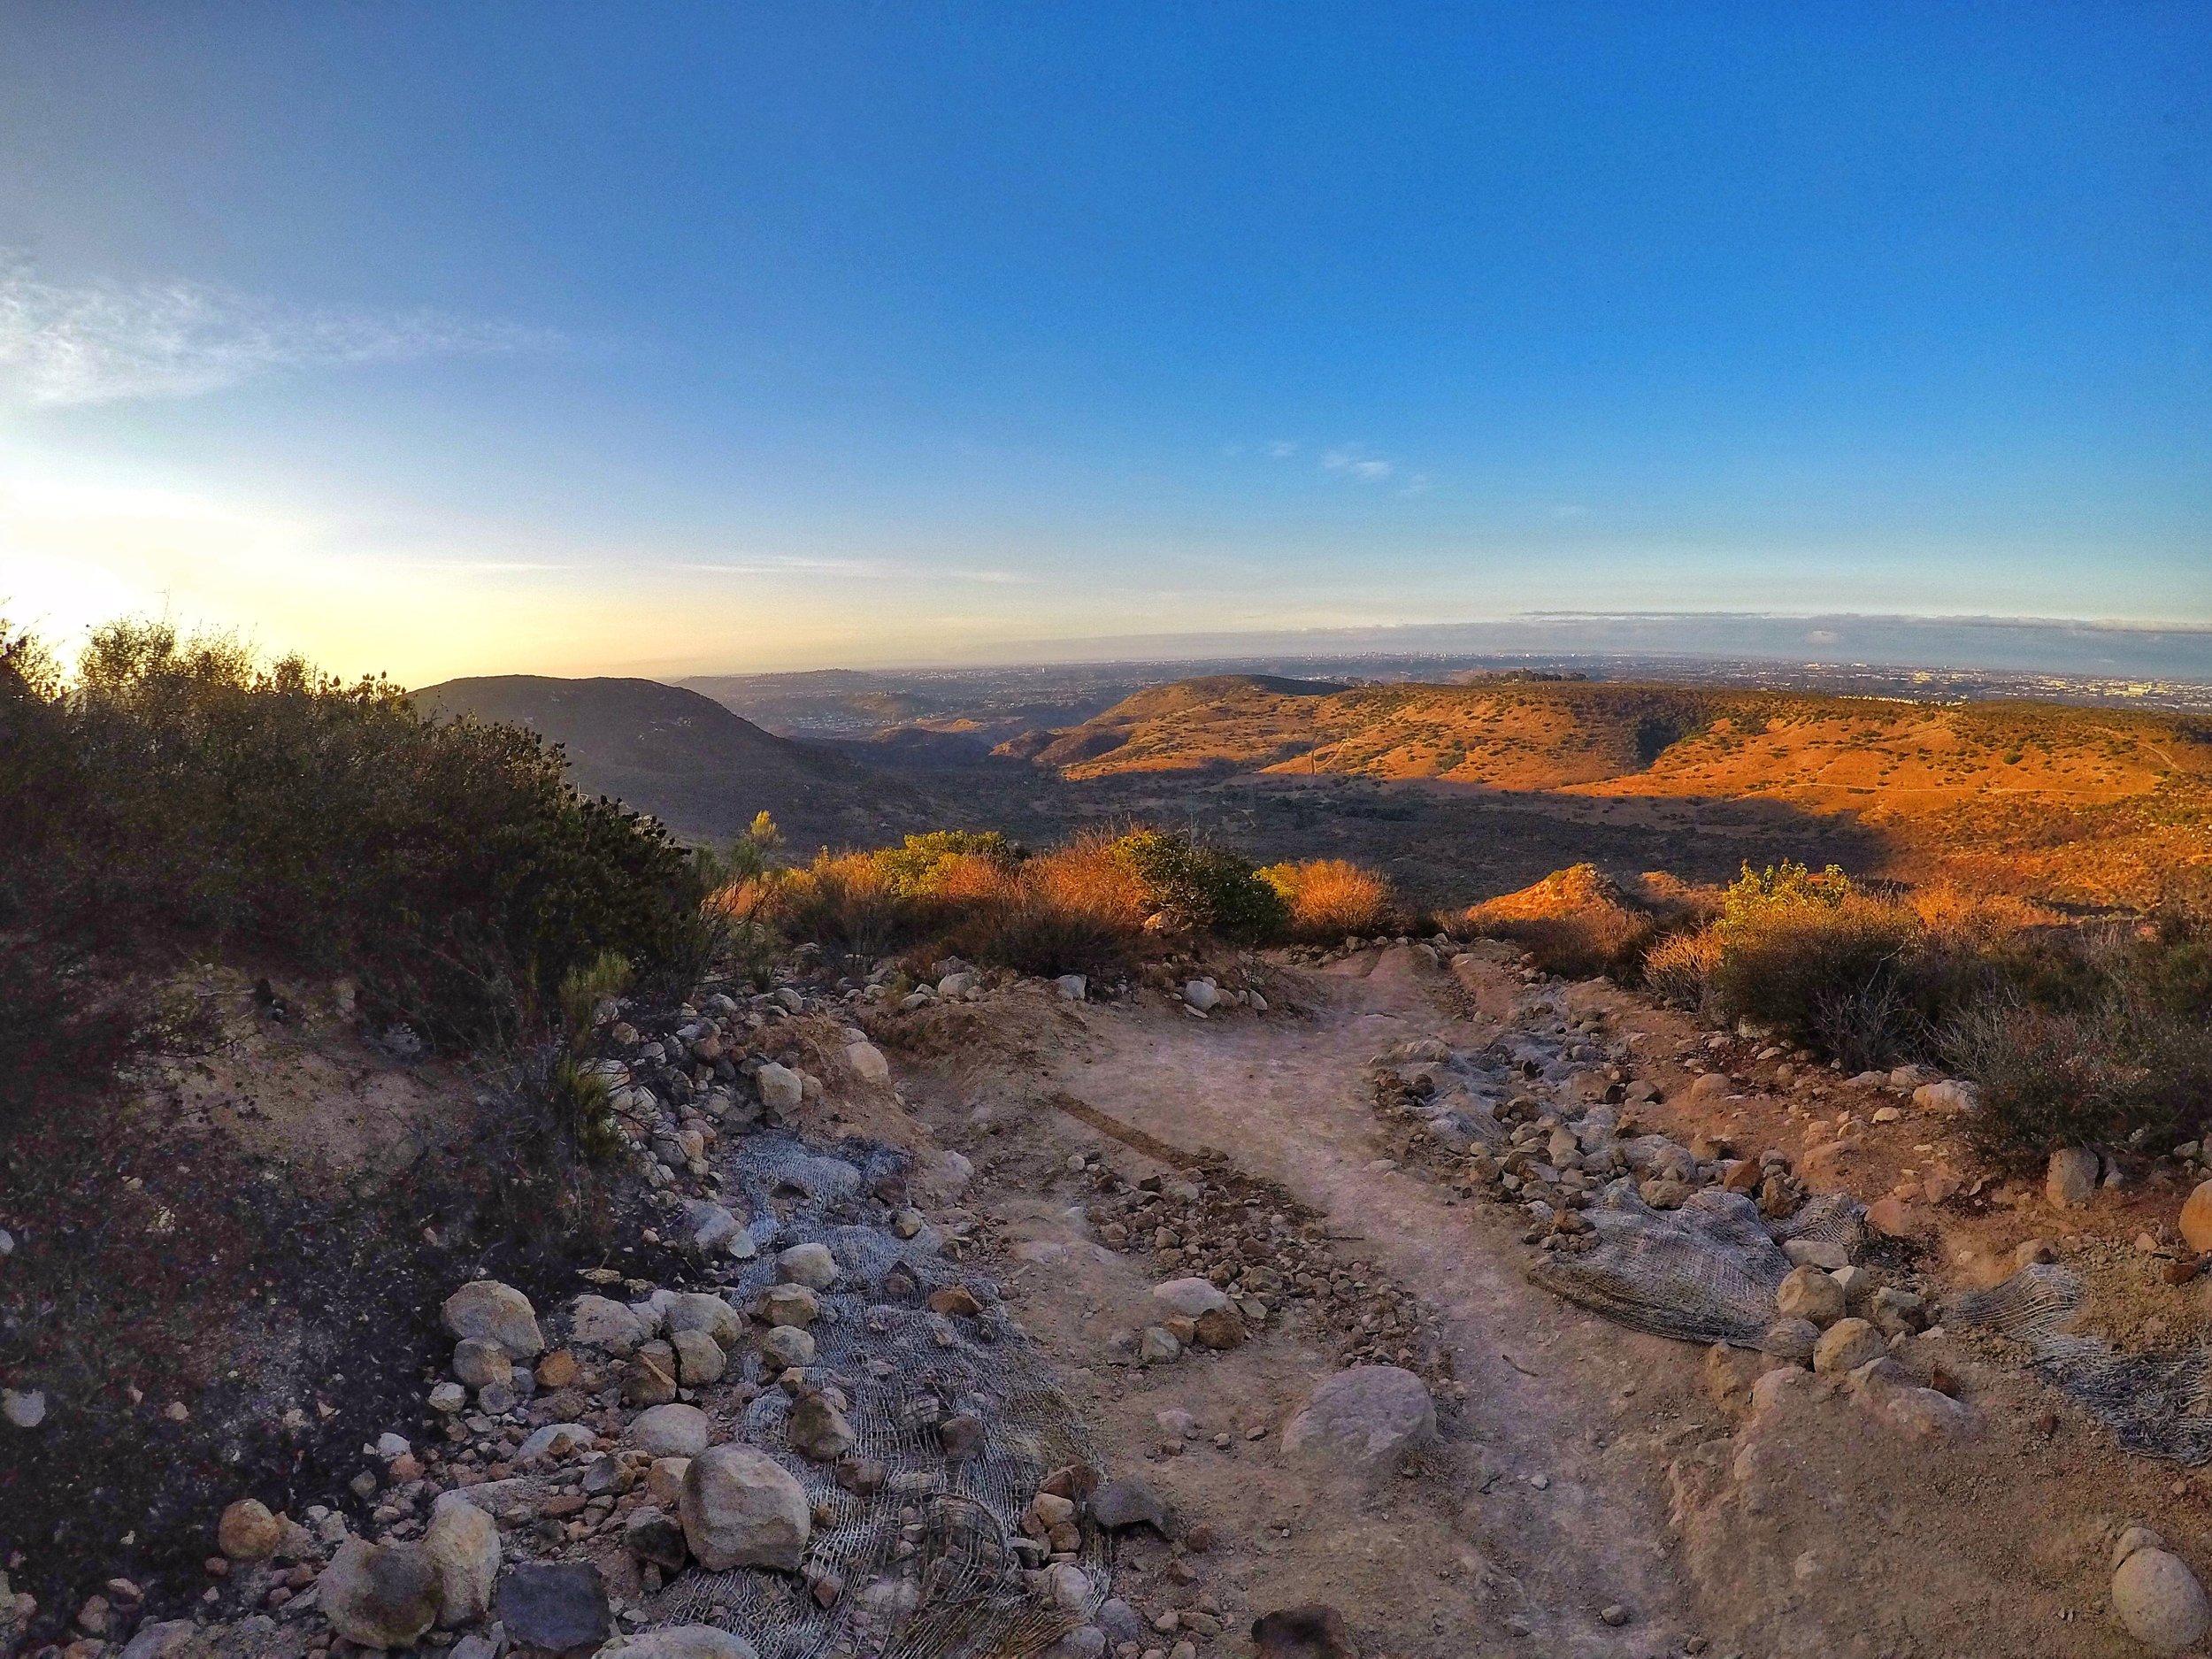 North Fortuna Summit Trail, Mission Trails Regional Park